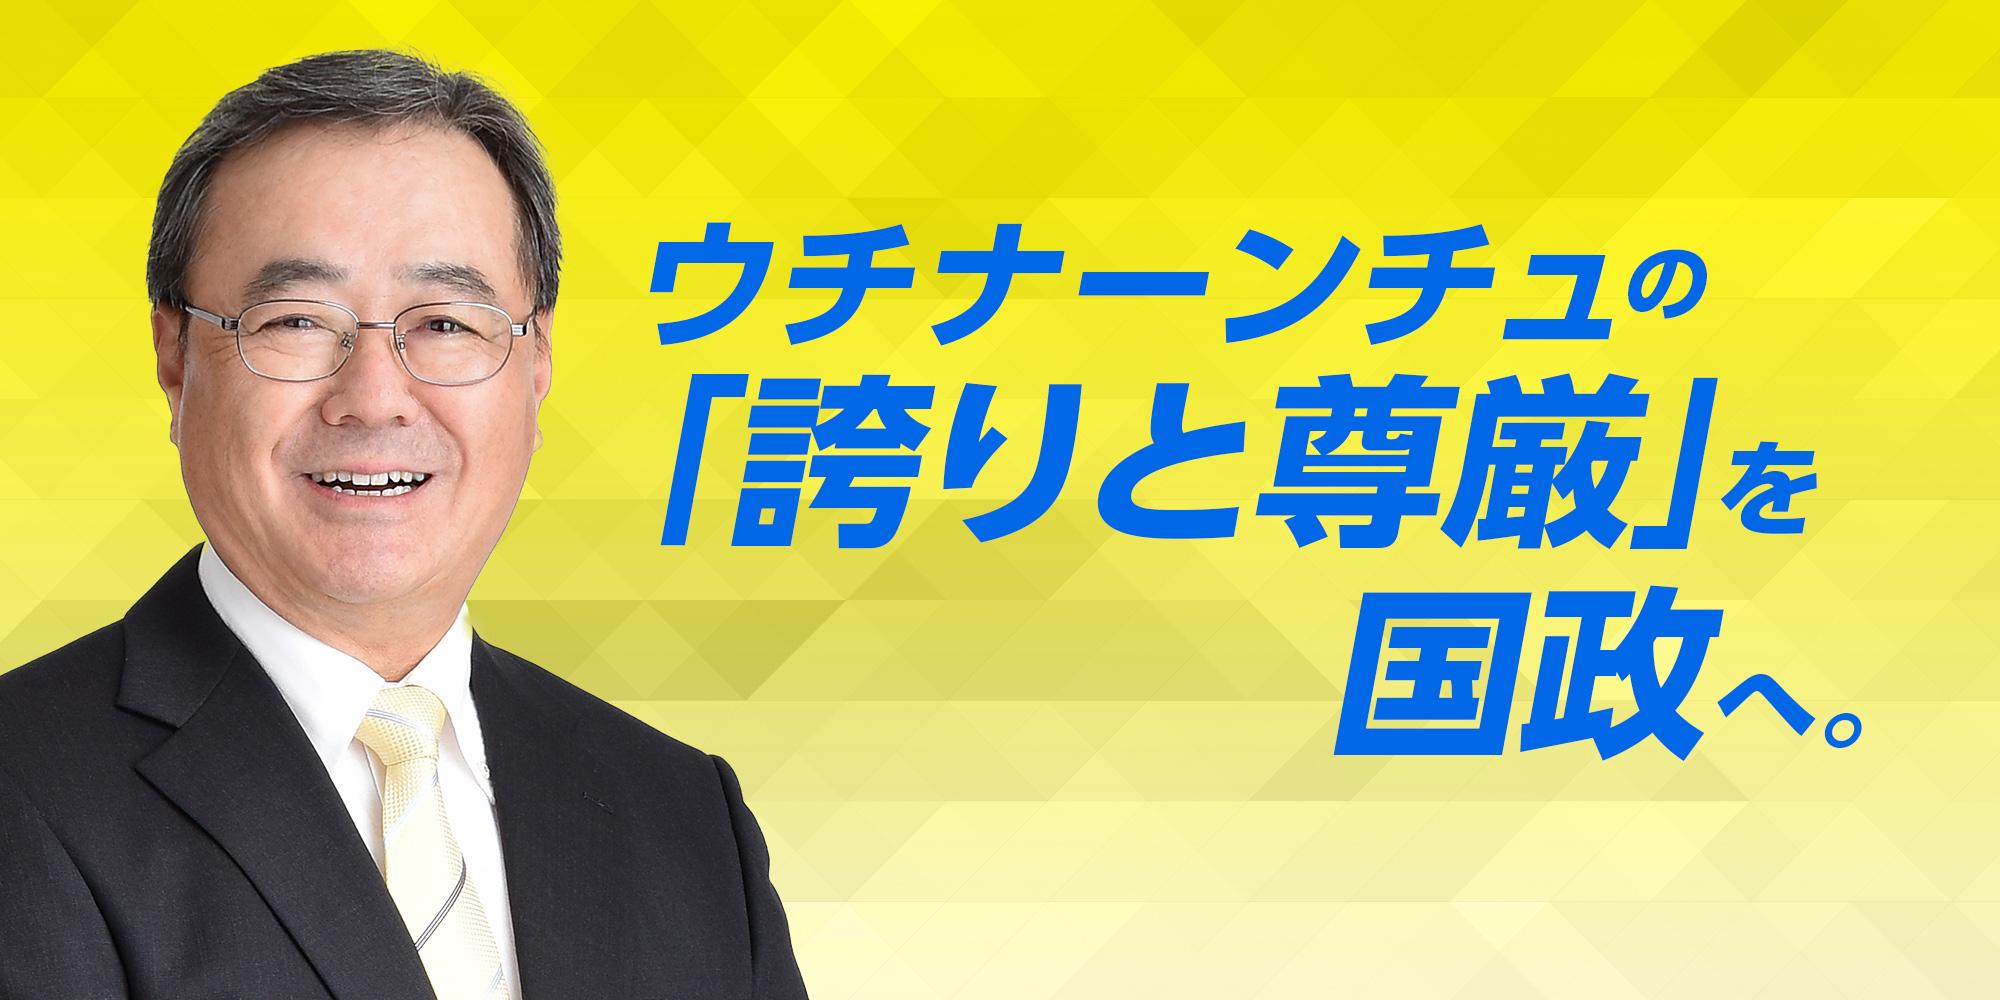 ウチナーンチュの「誇りと尊厳を」国政へ。ALL FOR OKINAWA 県民の命と暮らしをなによりも大切に。テルヤ寛徳さんの後継者は、実績のある新垣クニオで決まり!